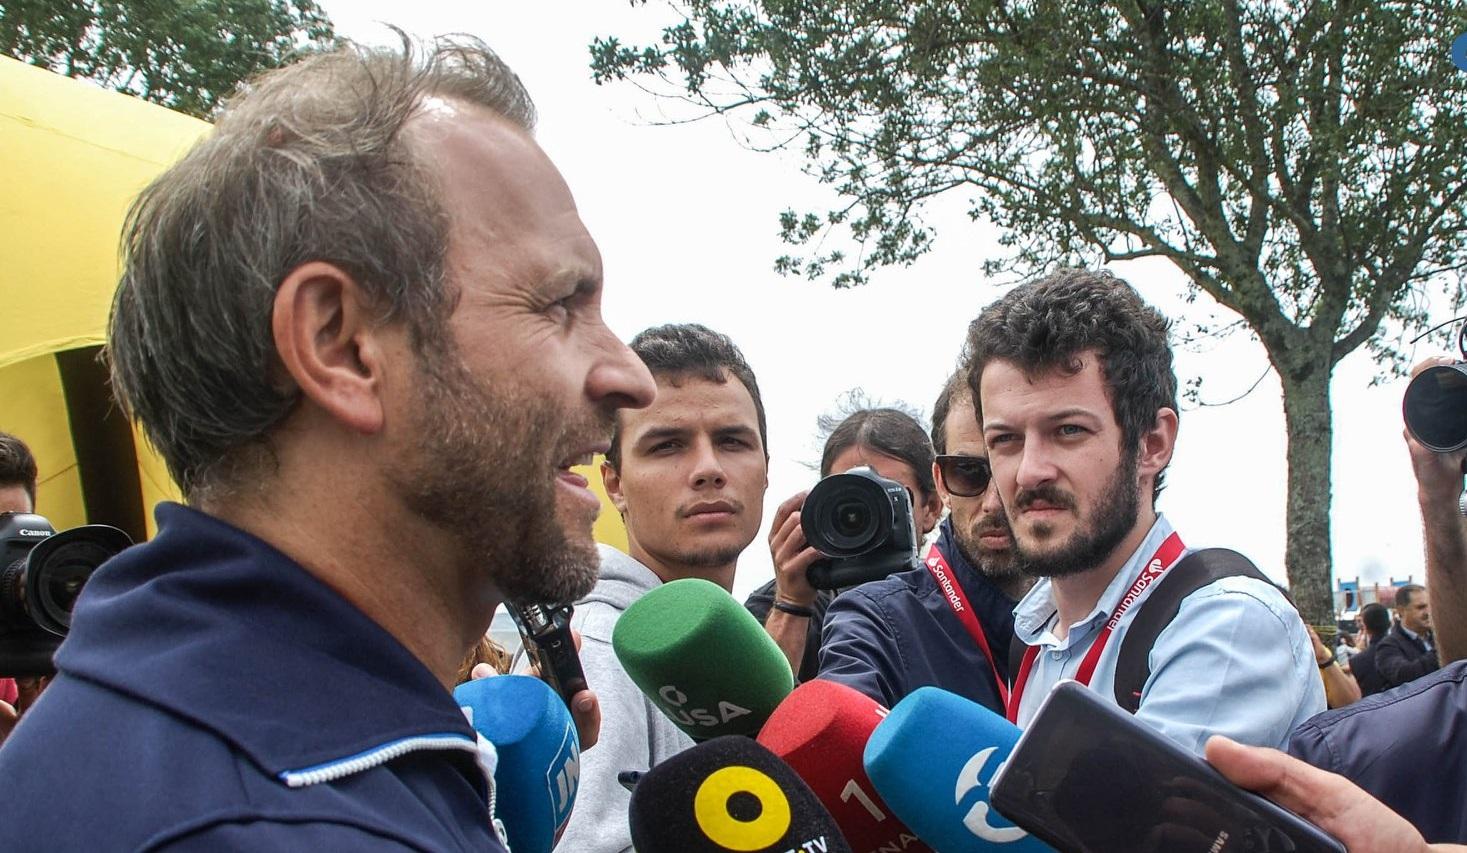 Rui Sousa avisa que comunicará à GNR casos de emigrantes que não cumprirem quarentena